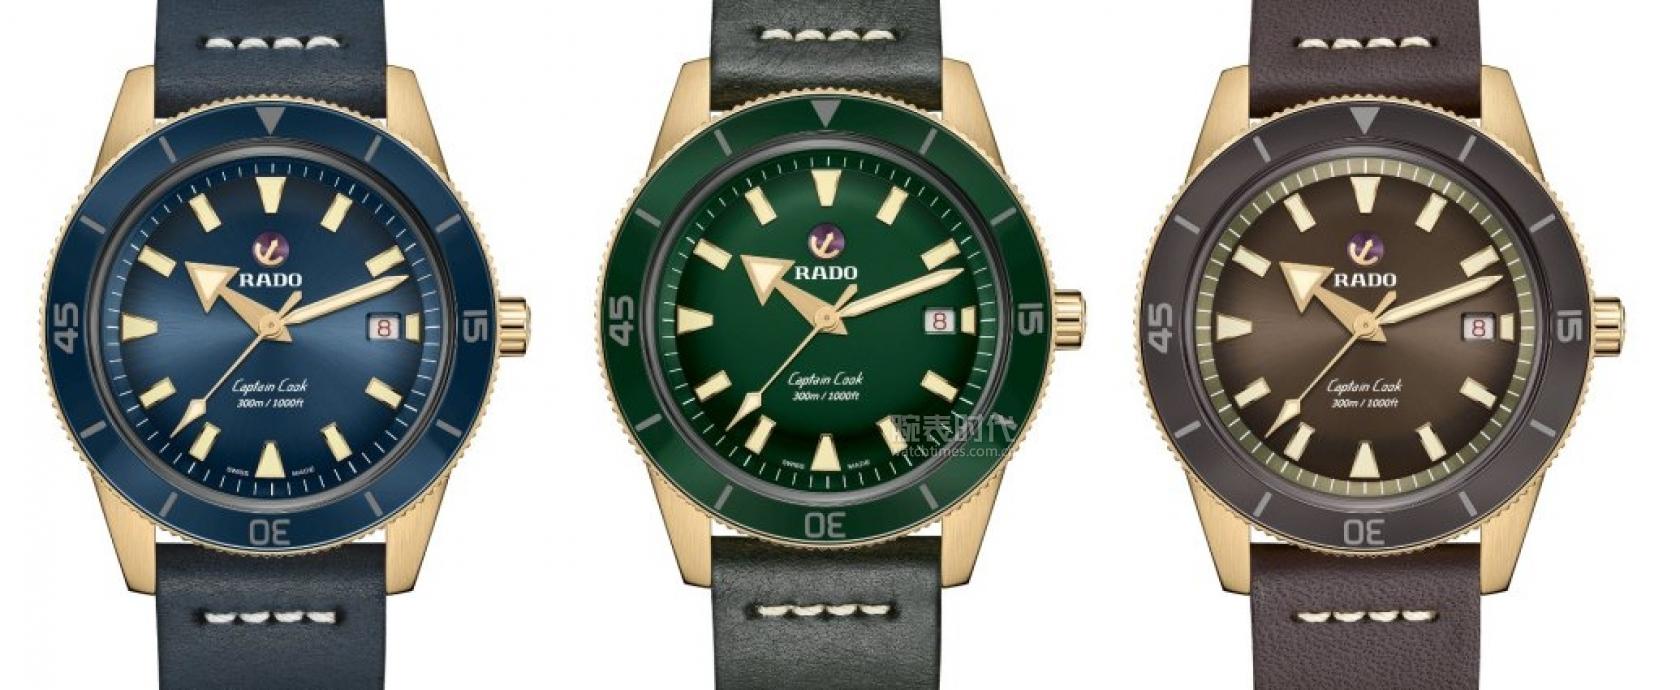 綠色青銅潛水表?又多了一個雷達庫克船長